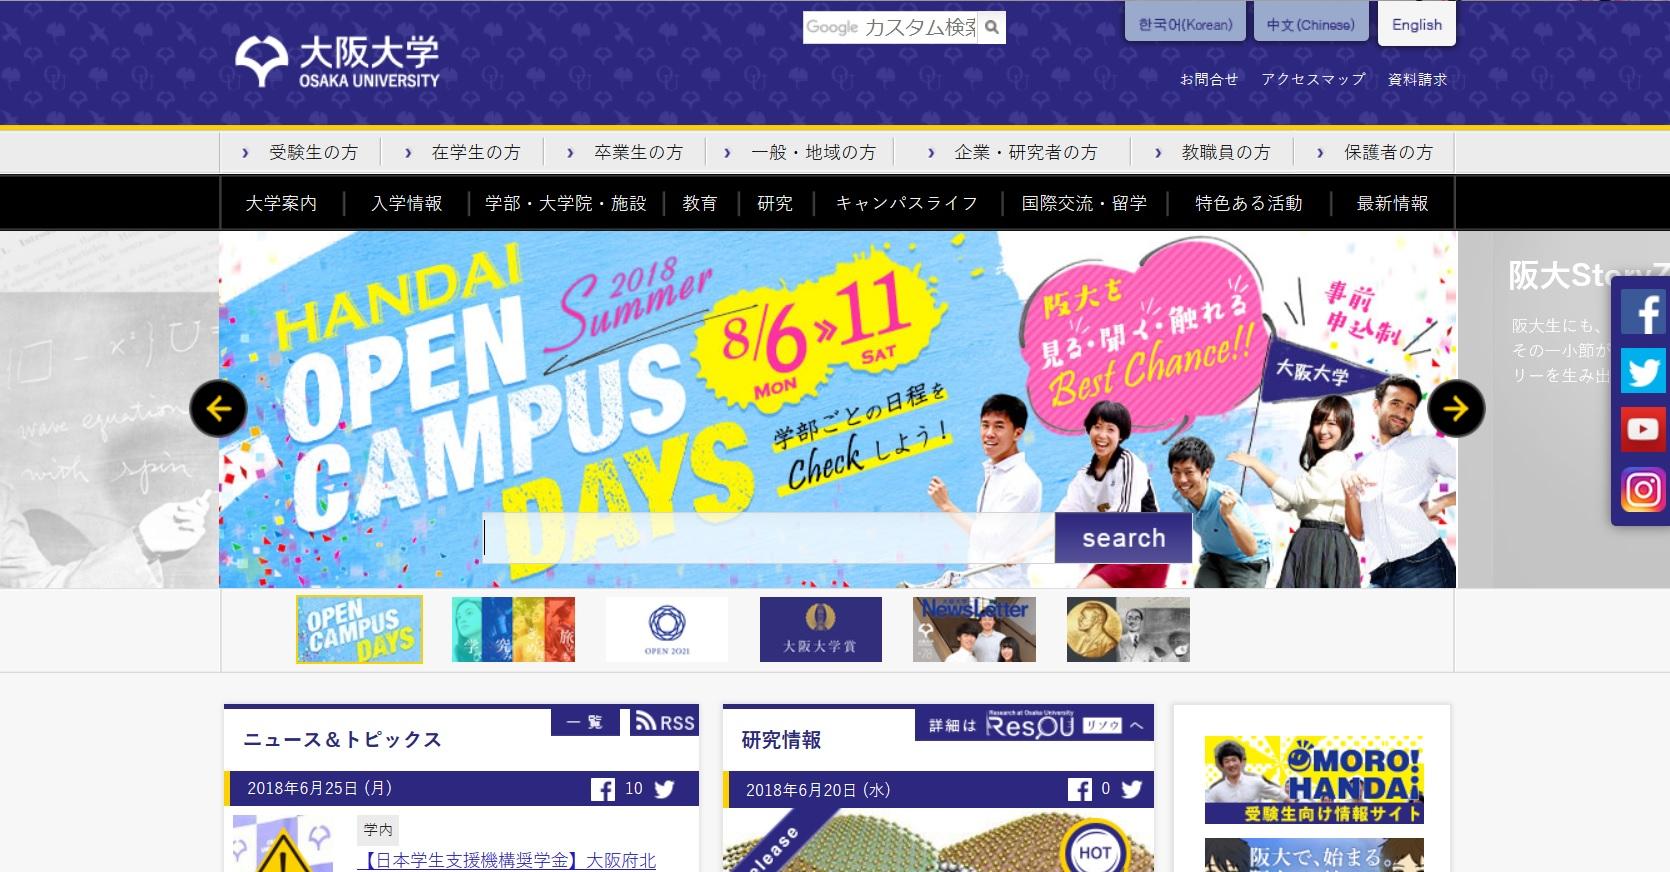 [ITmedia エンタープライズ] 不正アクセスを受けた大阪大学が模索する、新しい「CSIRT」の在り方(後編)